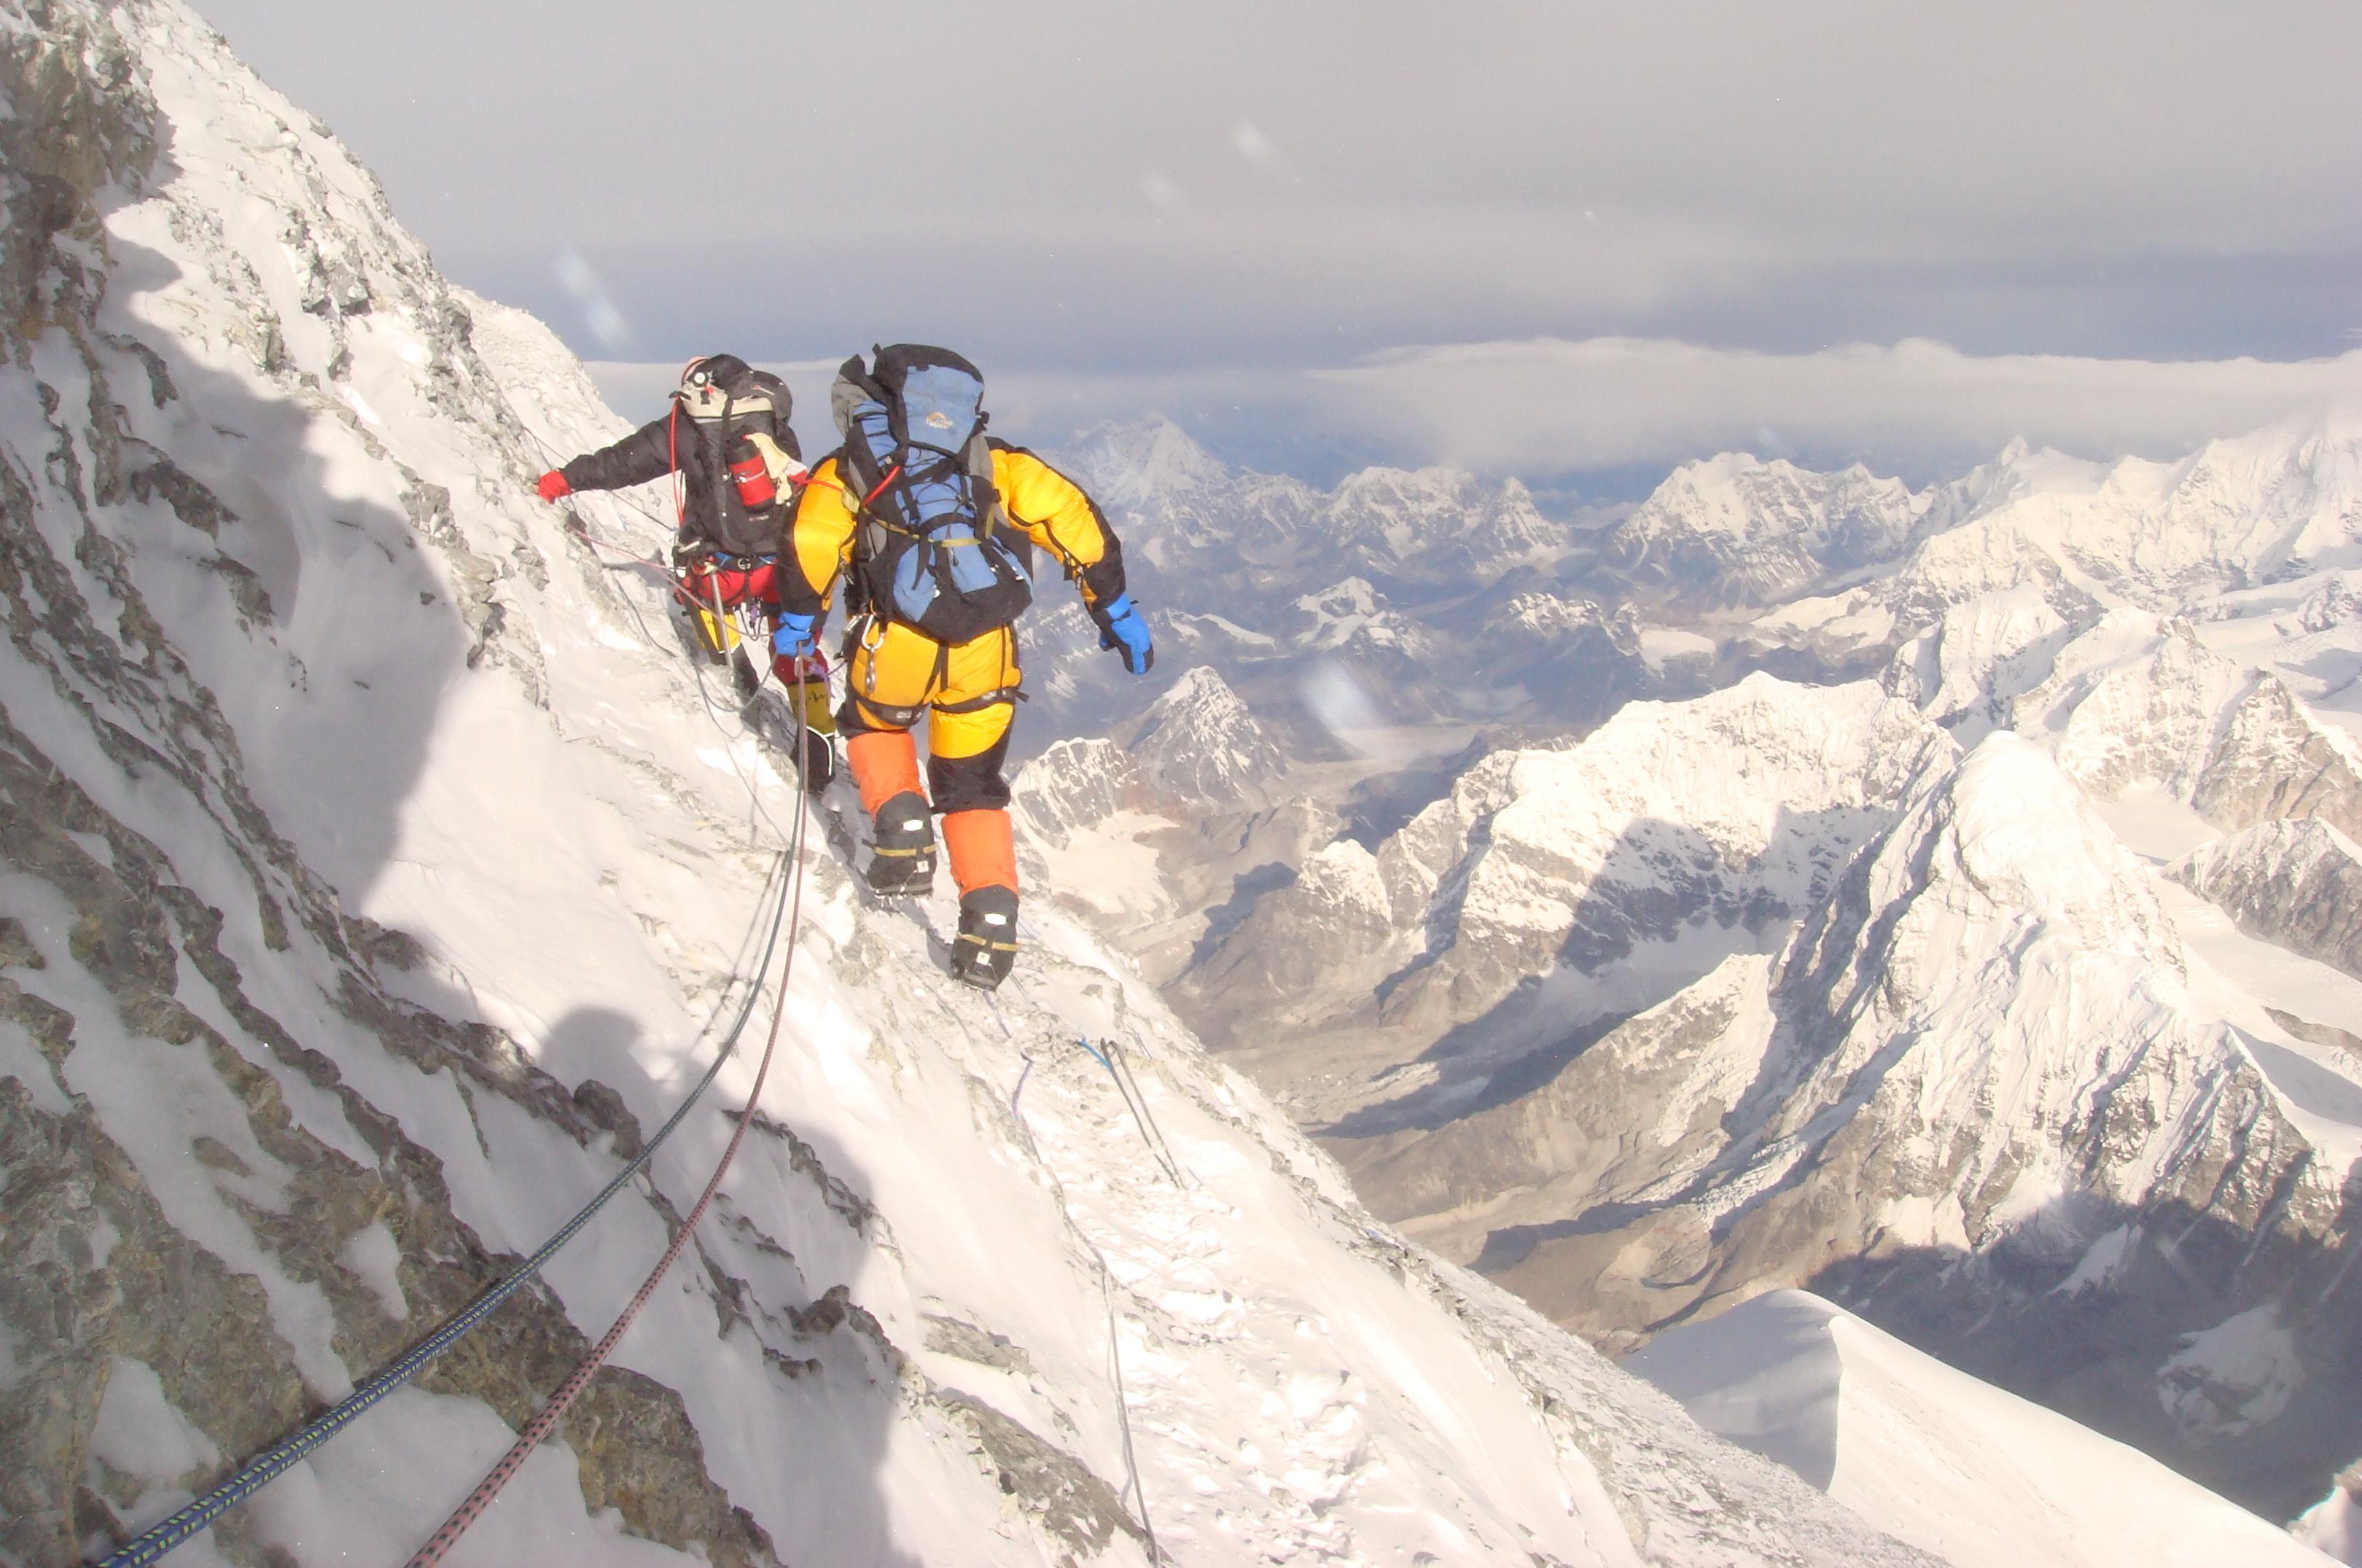 Уникальная экспедиция: российские альпинисты намерены капсулировать погибших на Эвересте